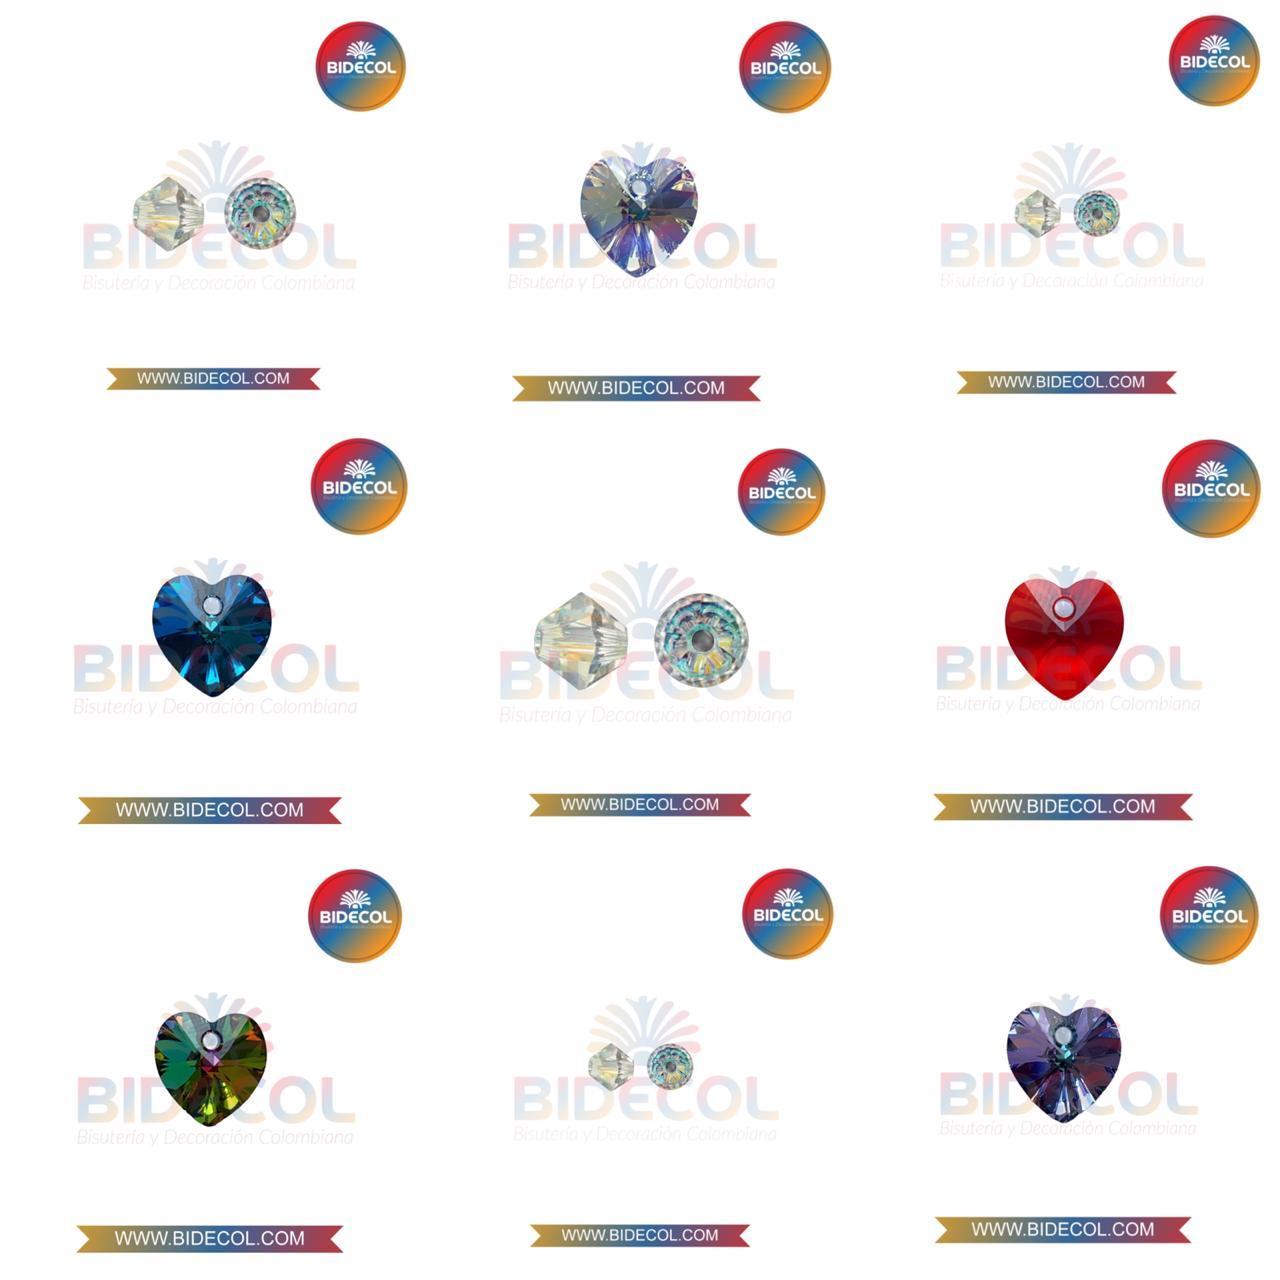 Venta Cristales Swarovski para bisutería Bidecol Bisuteria